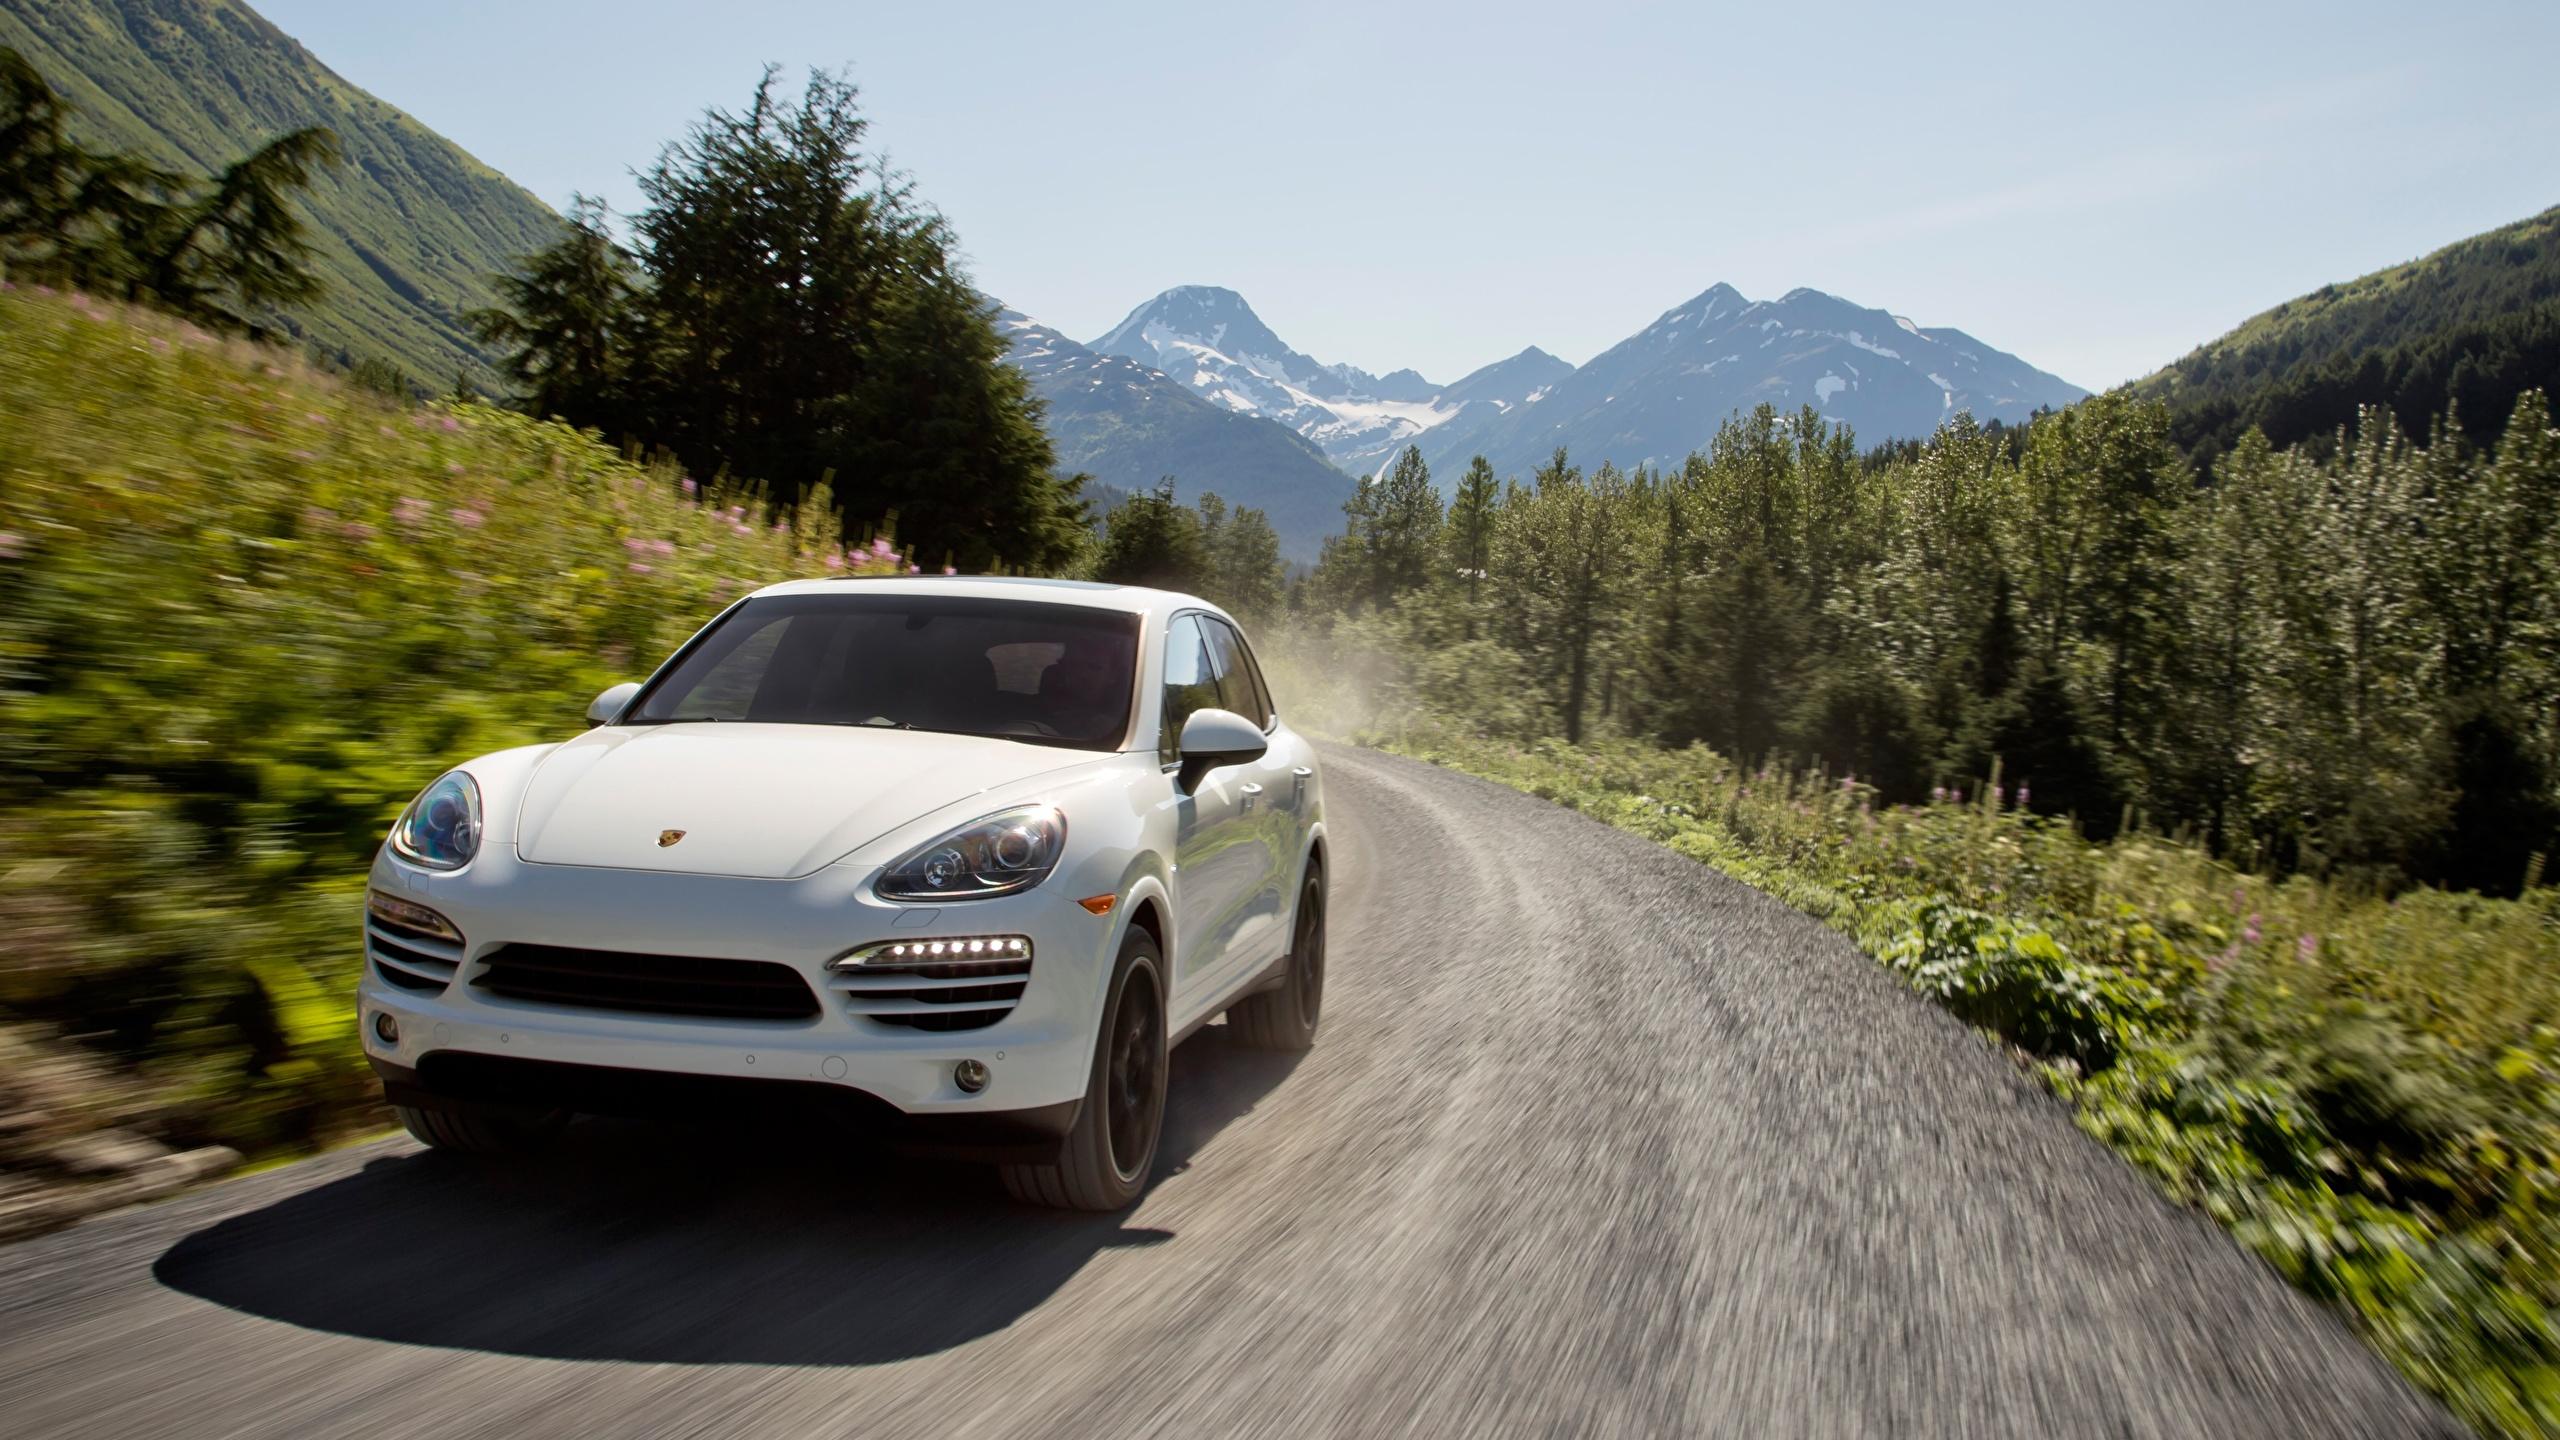 Фото Porsche Кроссовер Cayenne Diesel, US-spec, 2012 белые Дороги едущая Спереди Автомобили 2560x1440 Порше CUV белая Белый белых едет едущий скорость Движение авто машины машина автомобиль